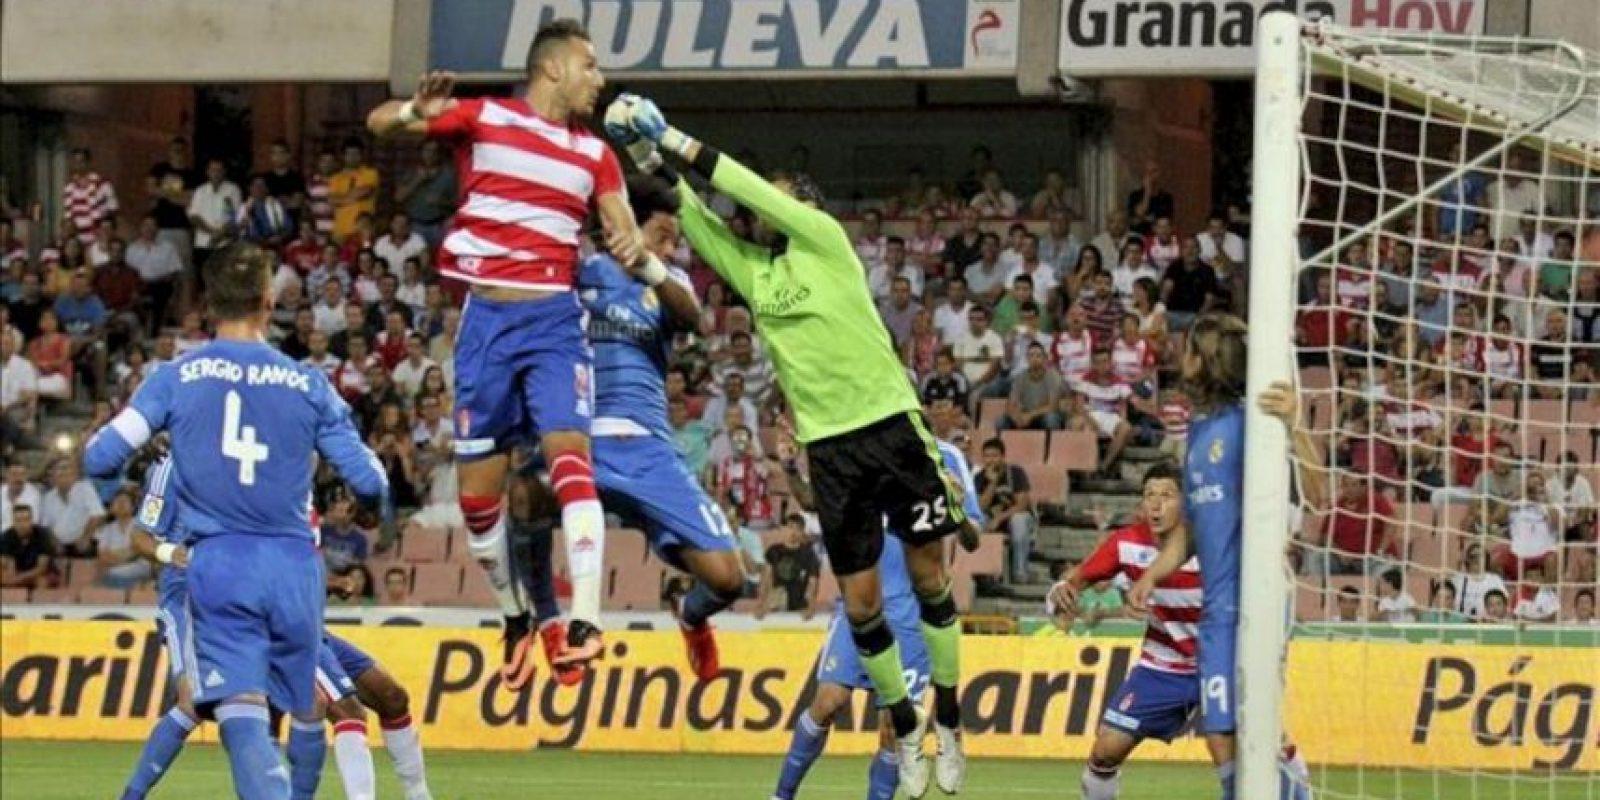 El centrocampista argelino del Granada Hassan Yebda (2i) intenta rematar ante el portero del Real Madrid Diego López (3i) durante el partido, correspondiente a la segunda jornada de Liga de Primera División, disputado en el estadio Nuevos Los Cármenes, en Granada. EFE